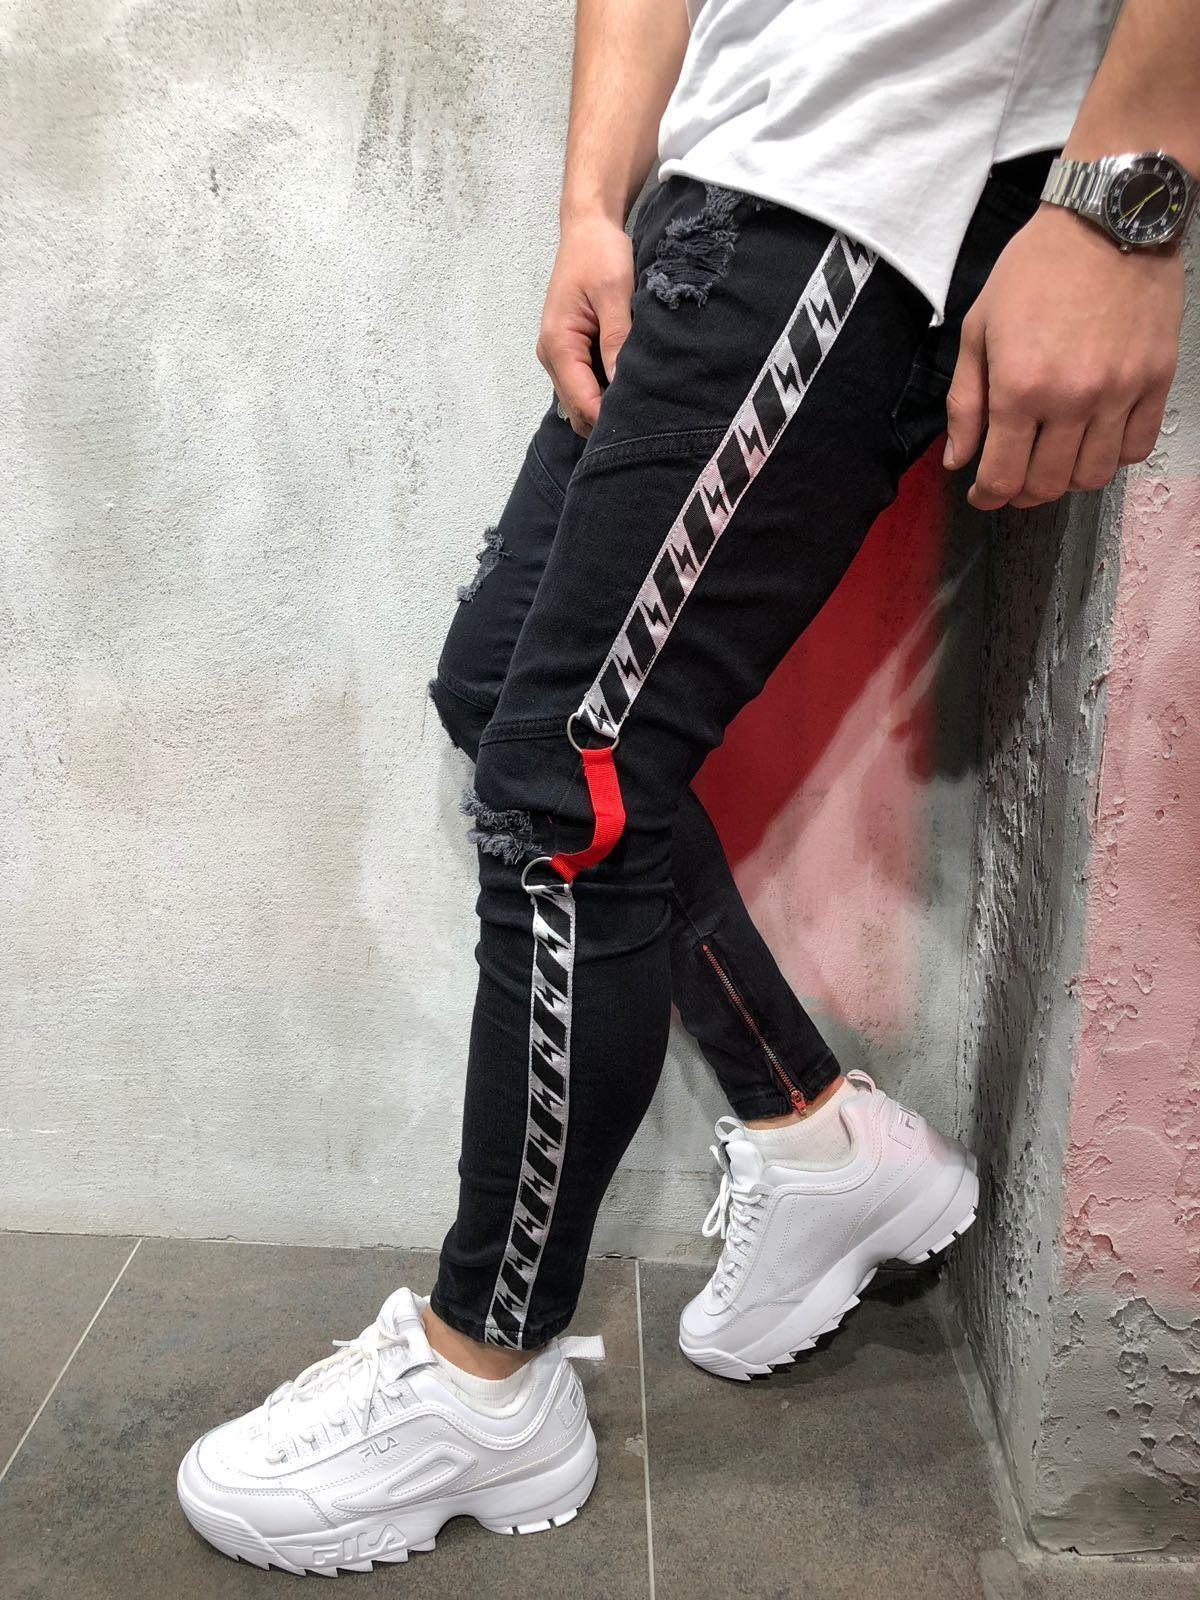 Mens Cool Designer Brand Black Jeans Skinny Ankle Zipper Stretch Slim Fit Hop Hop Pants With Side Stripe